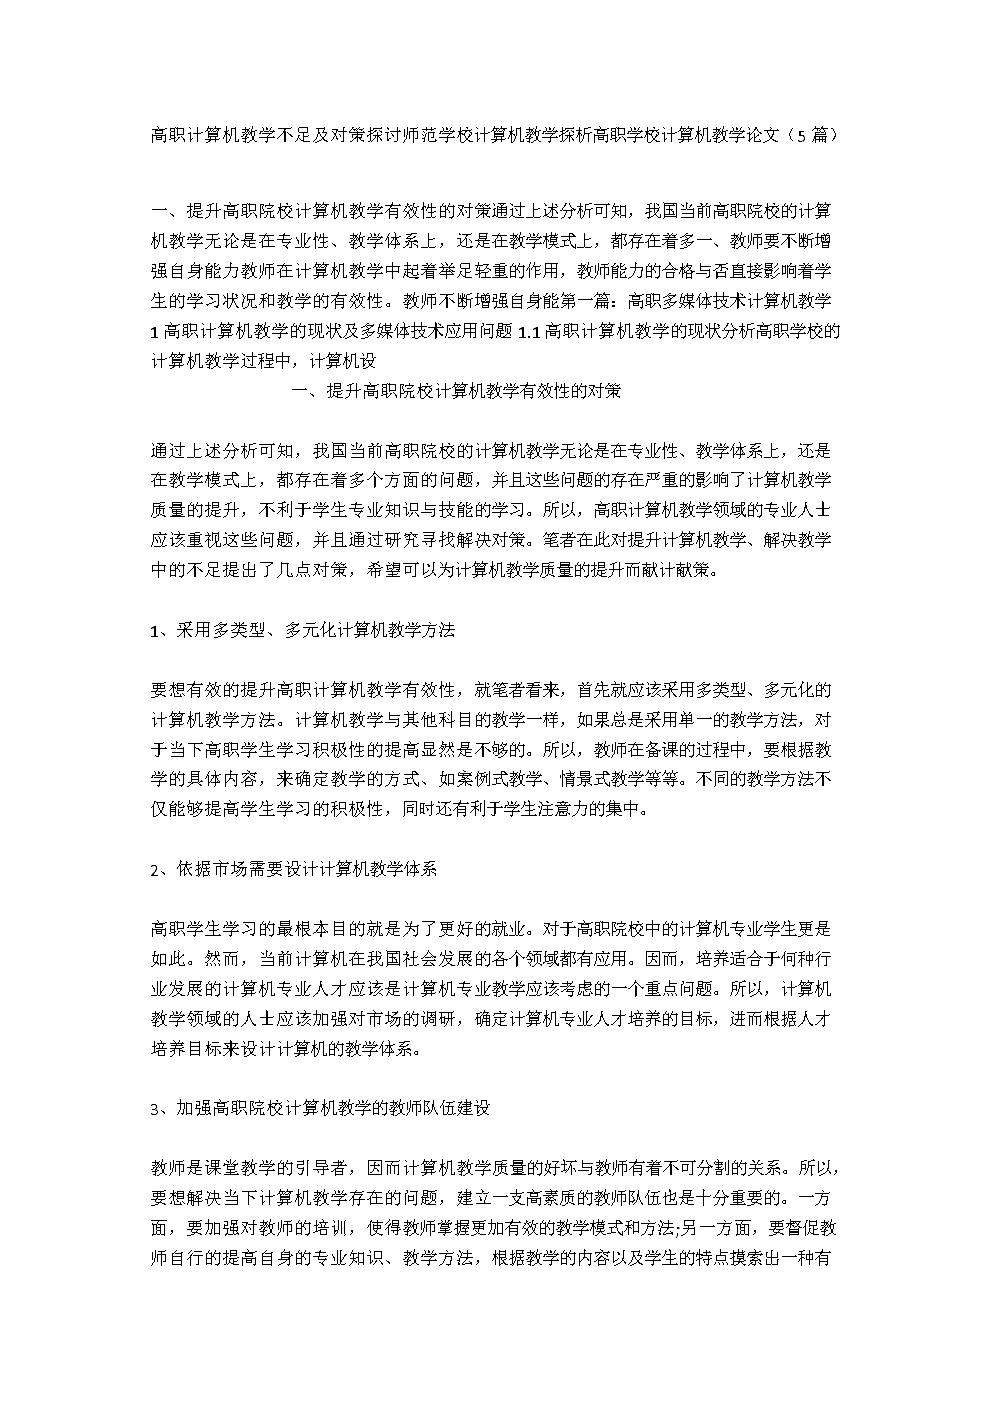 计算机教学论文高职不足及对策探讨师范学校探析高职学校.docx